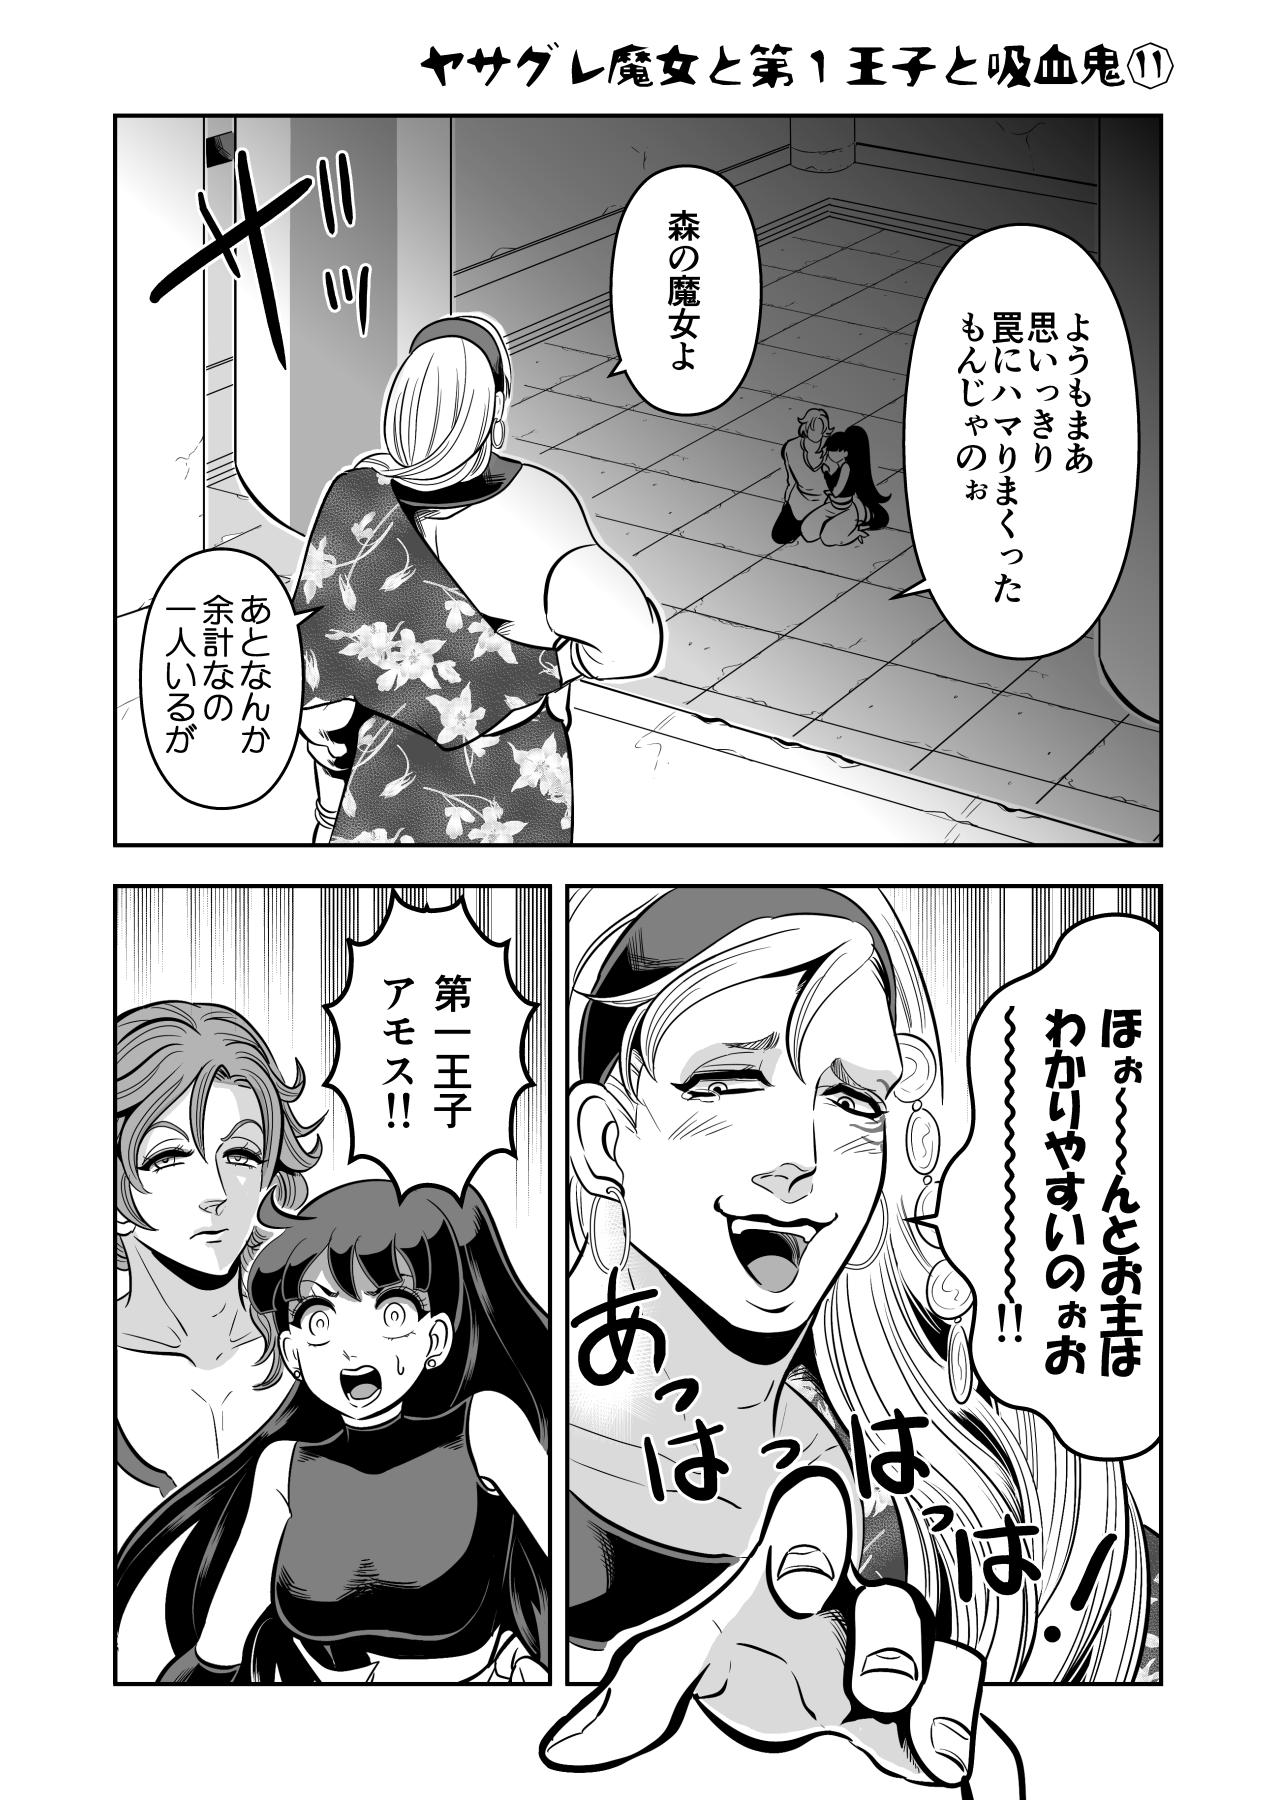 ヤサグレ魔女と第1王子と吸血鬼⑪ (1)